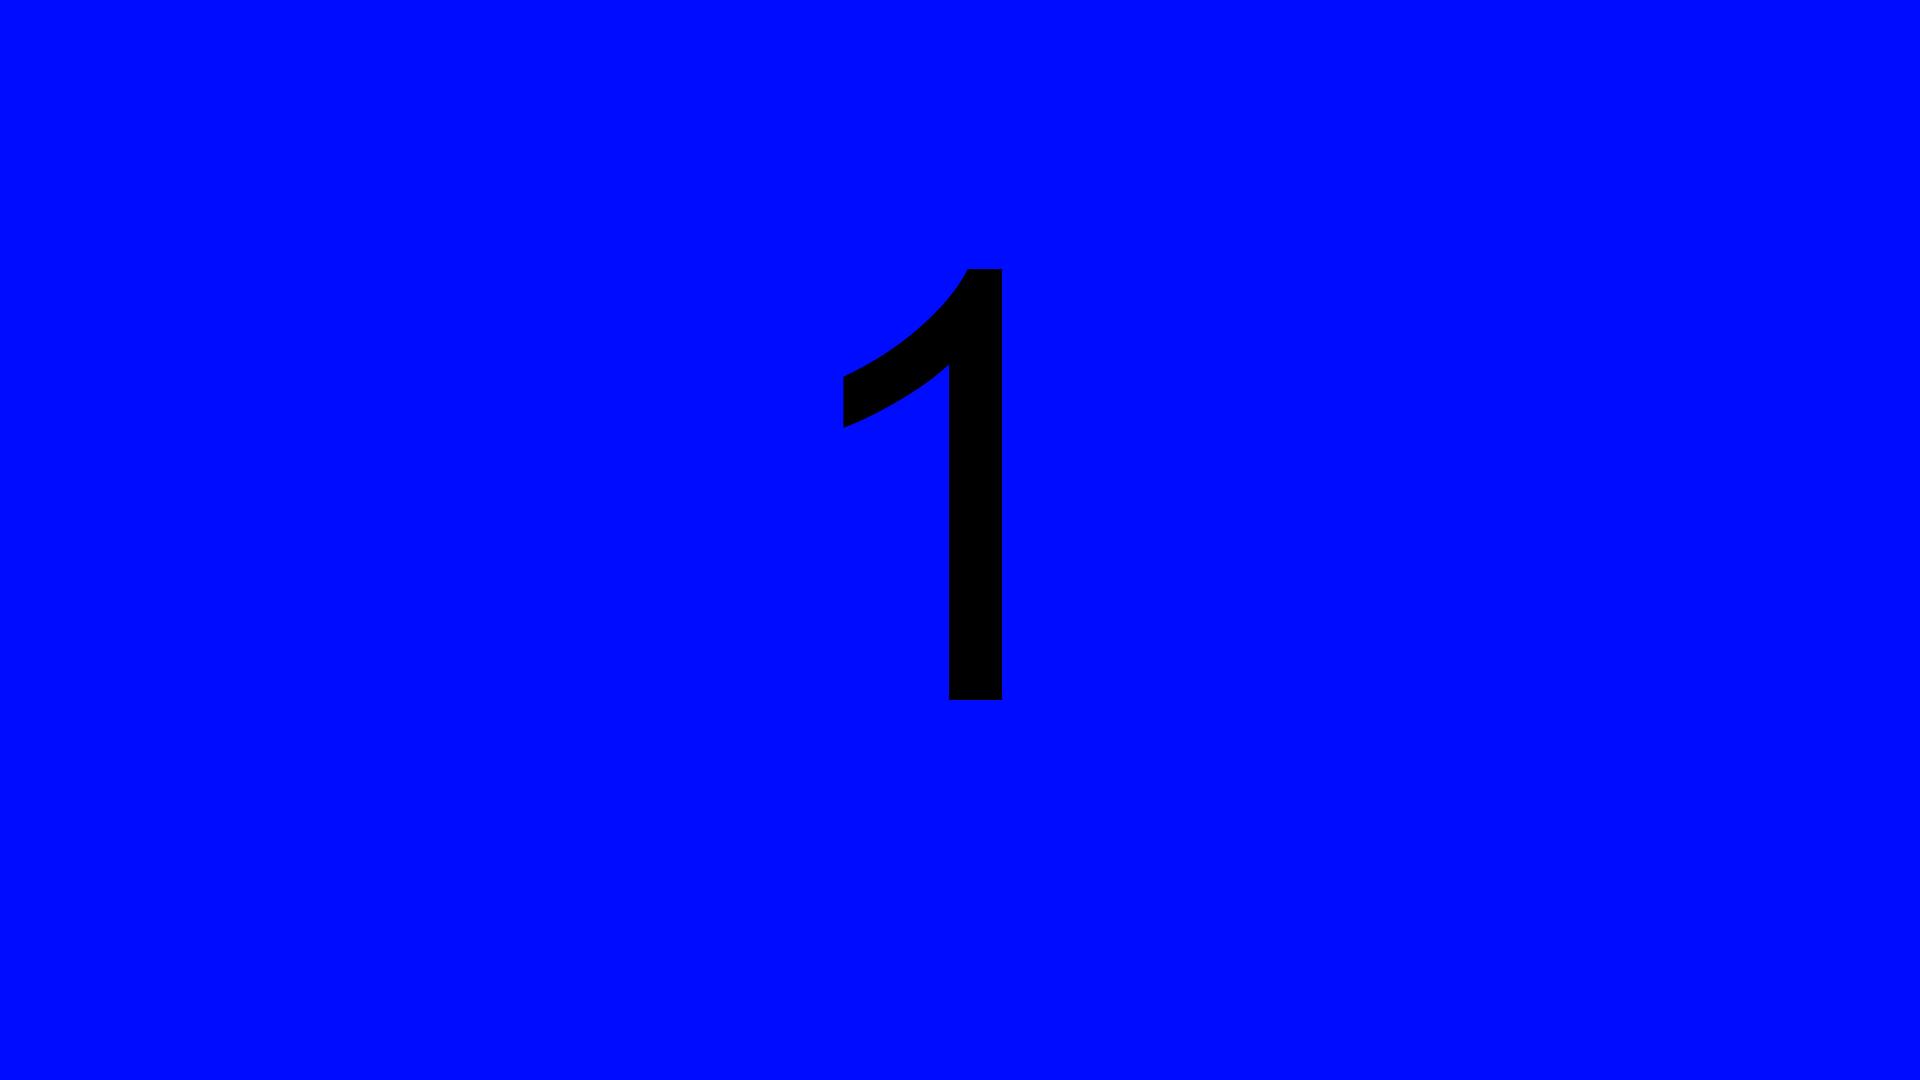 Blue_01